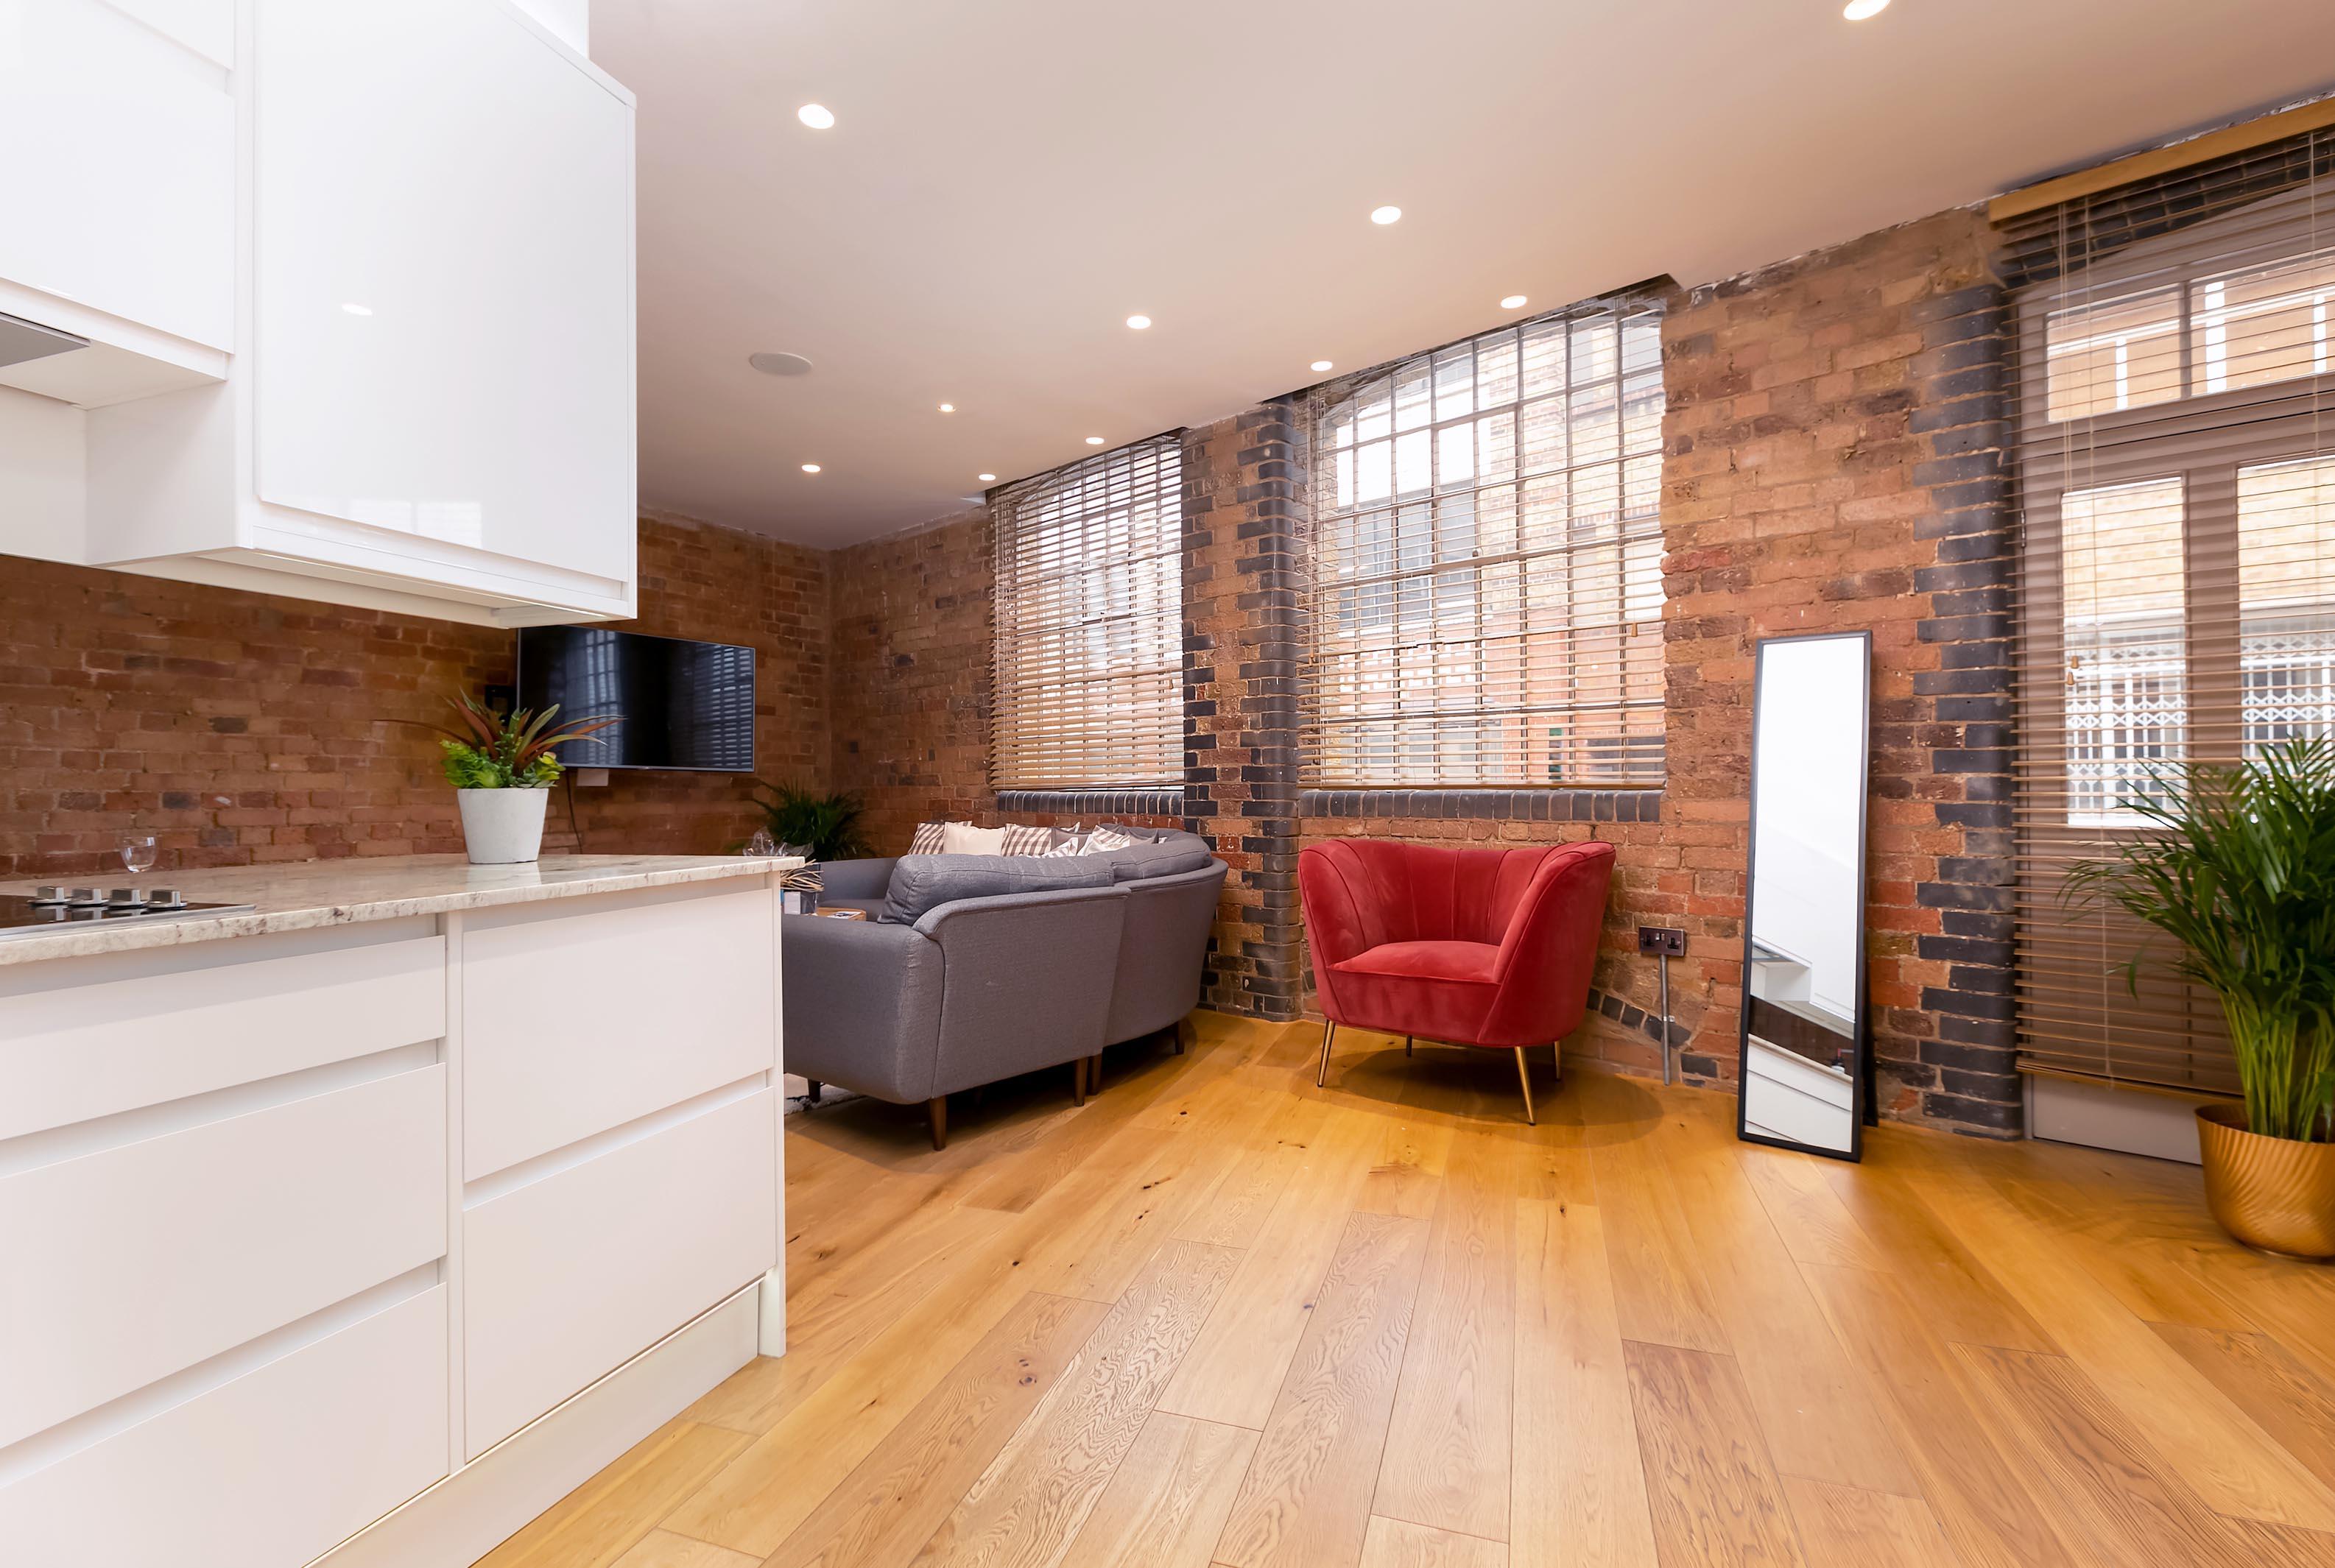 Lovelydays luxury service apartment rental - London - Fitzrovia - Wells Mews B - Lovelysuite - 2 bedrooms - 2 bathrooms - Luxury kitchen - a89511a34343 - Lovelydays